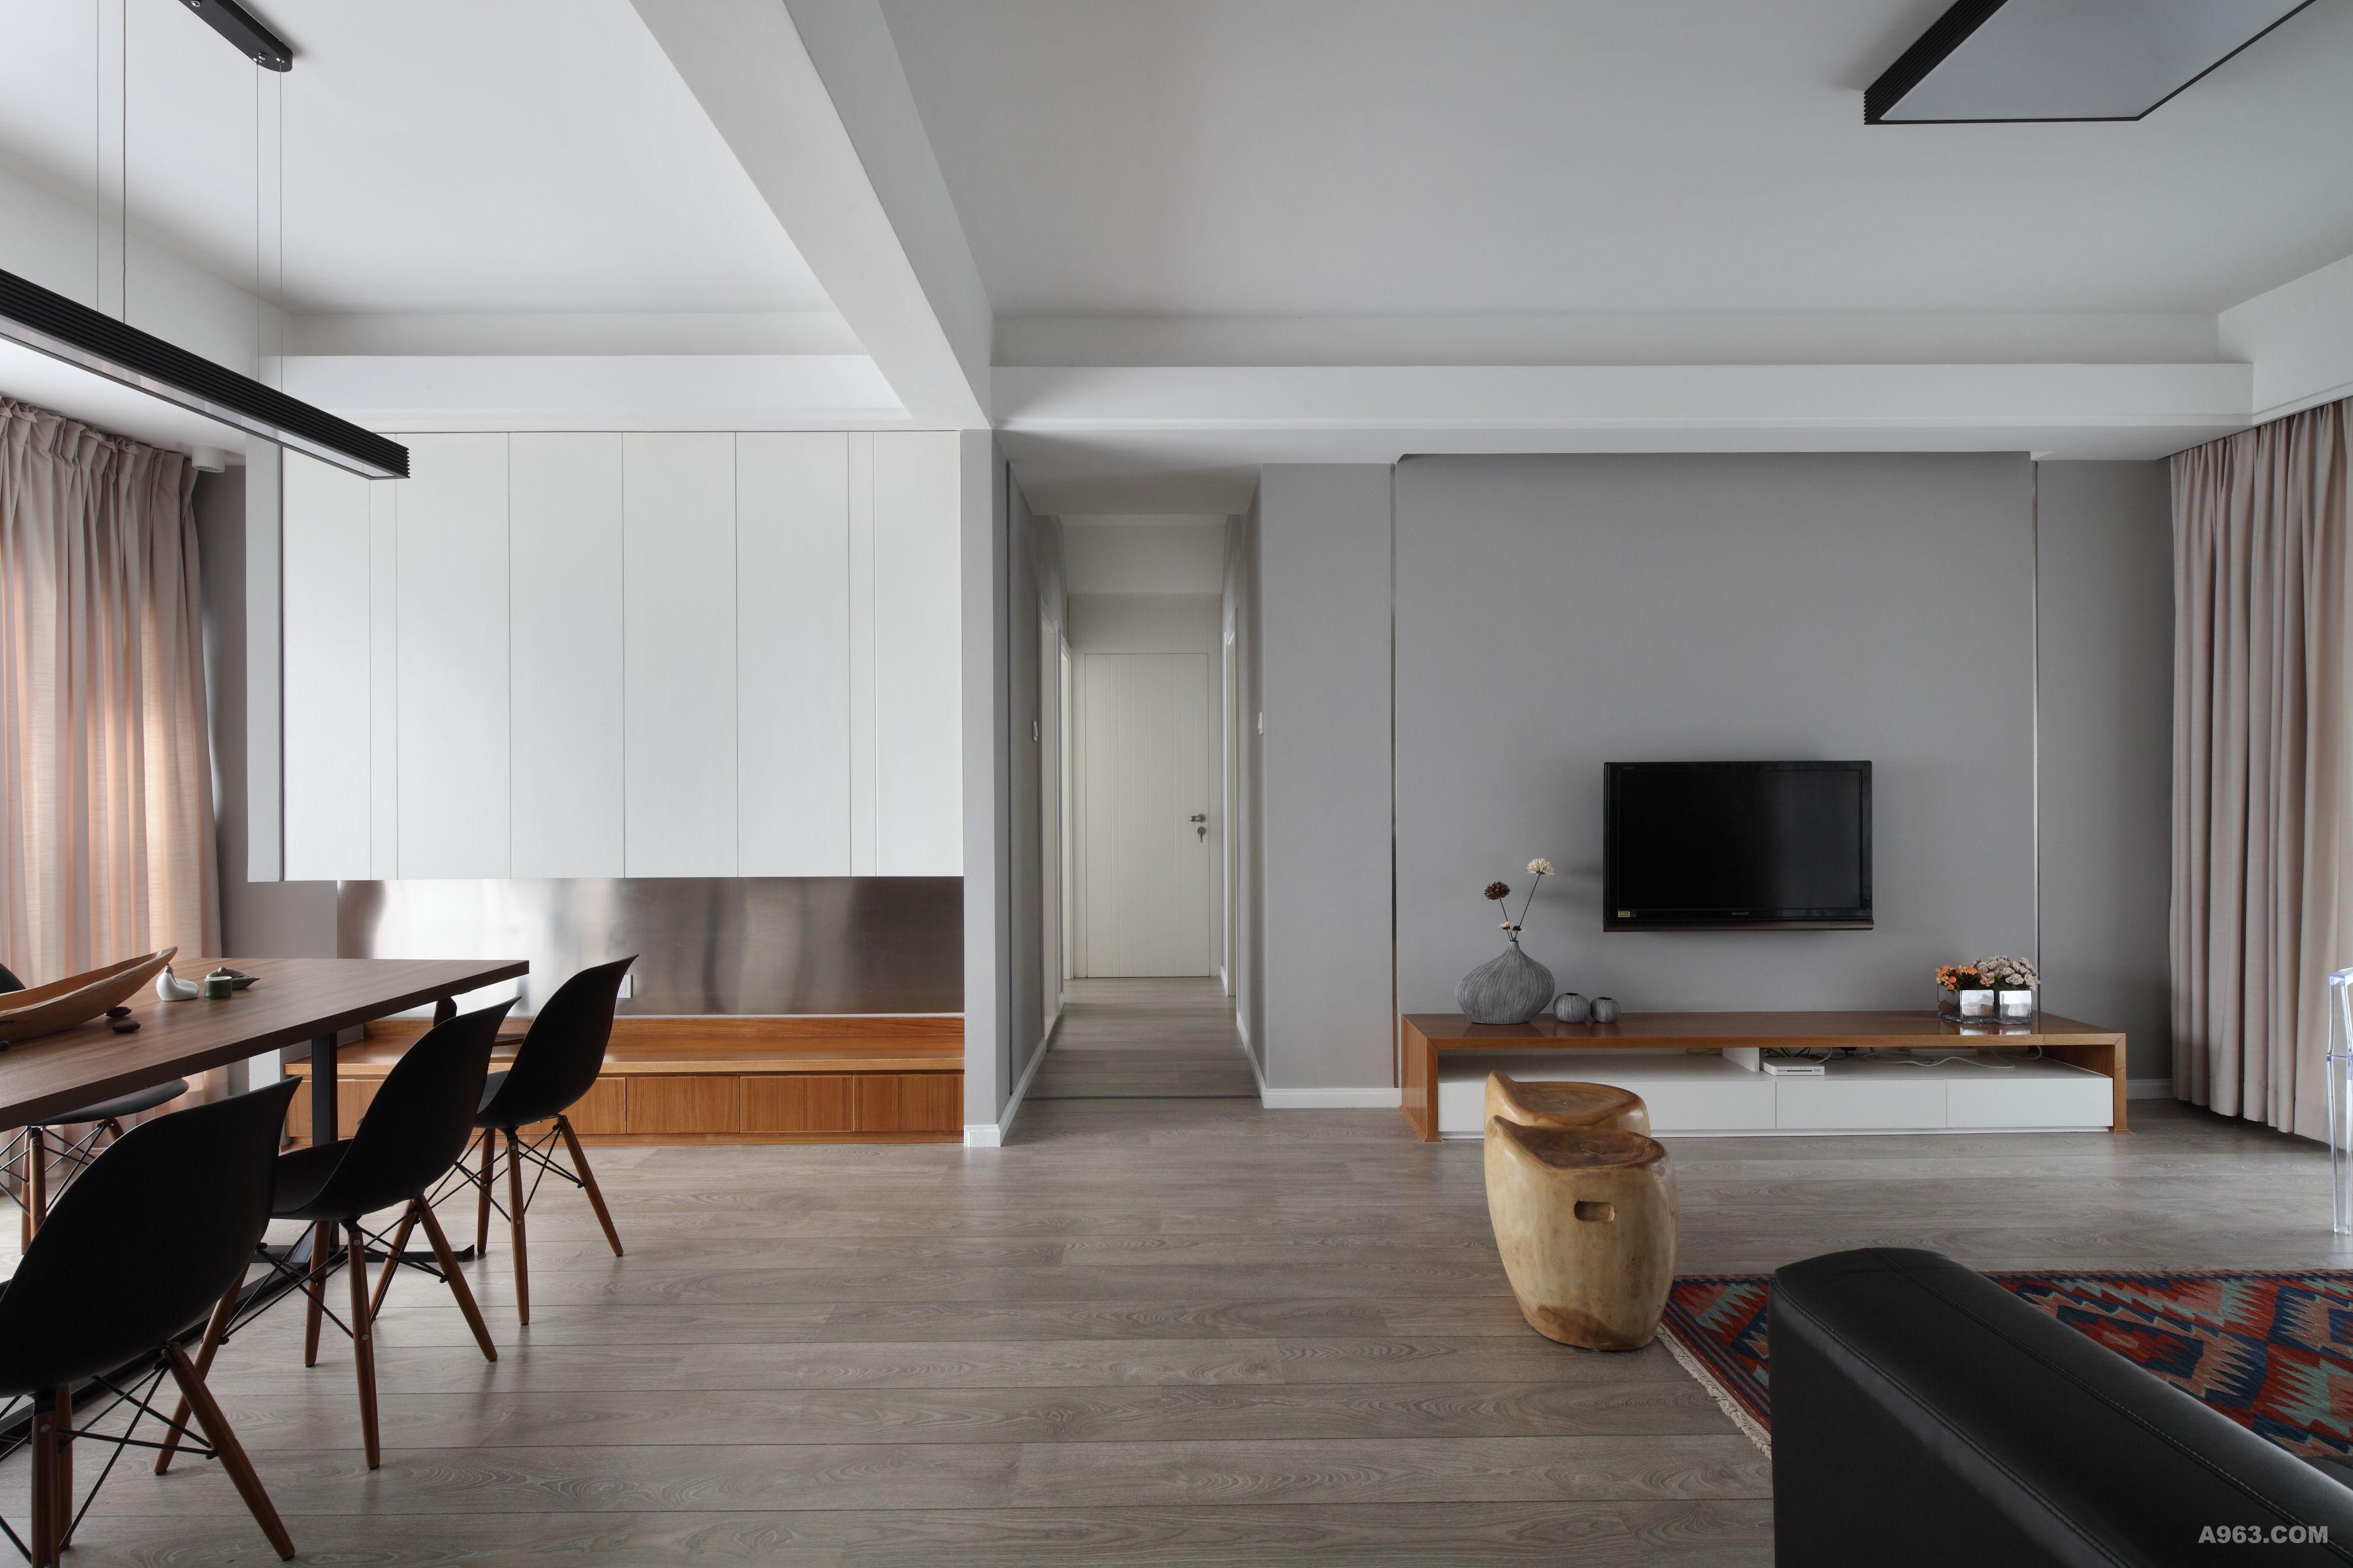 纯白色的装潢风格用于洗手间再好不过,一种简洁清爽的感觉油然而生.